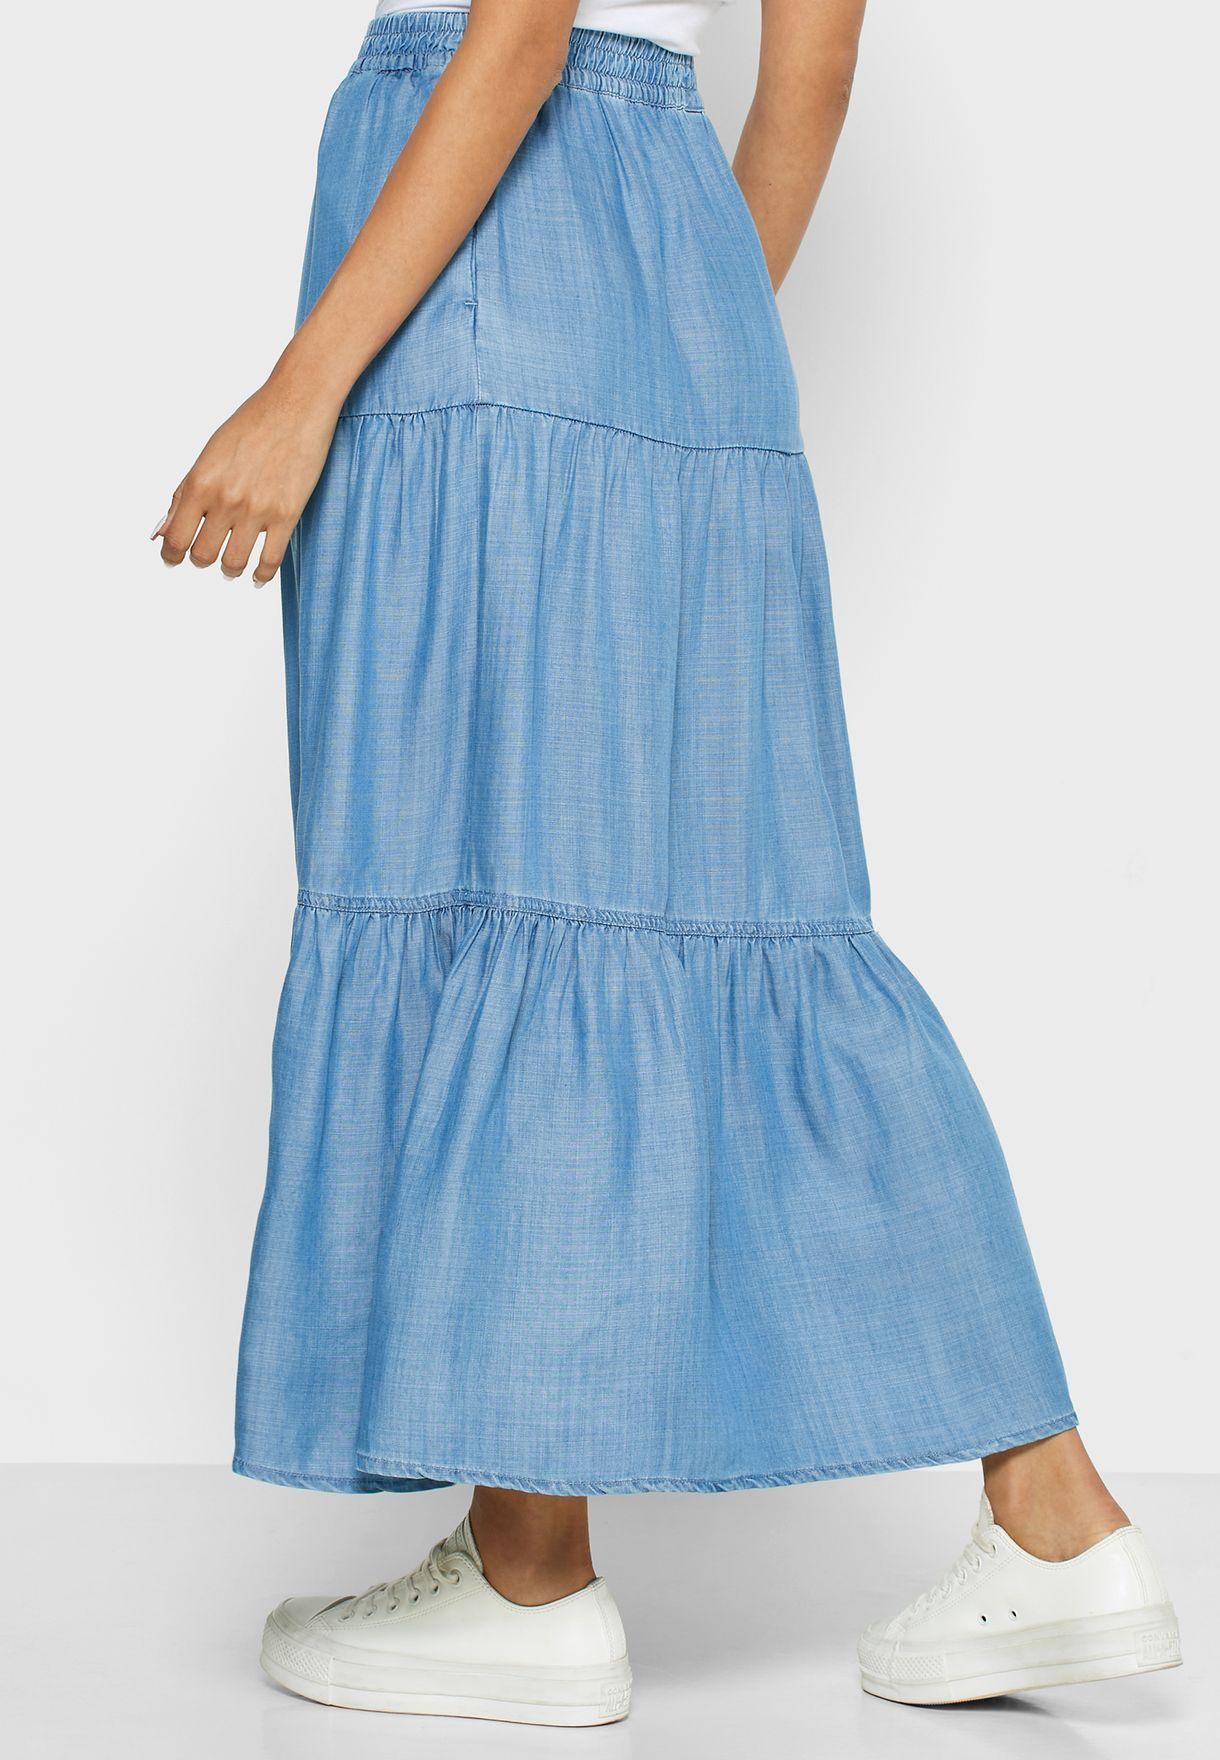 Tiered Denim Skirt